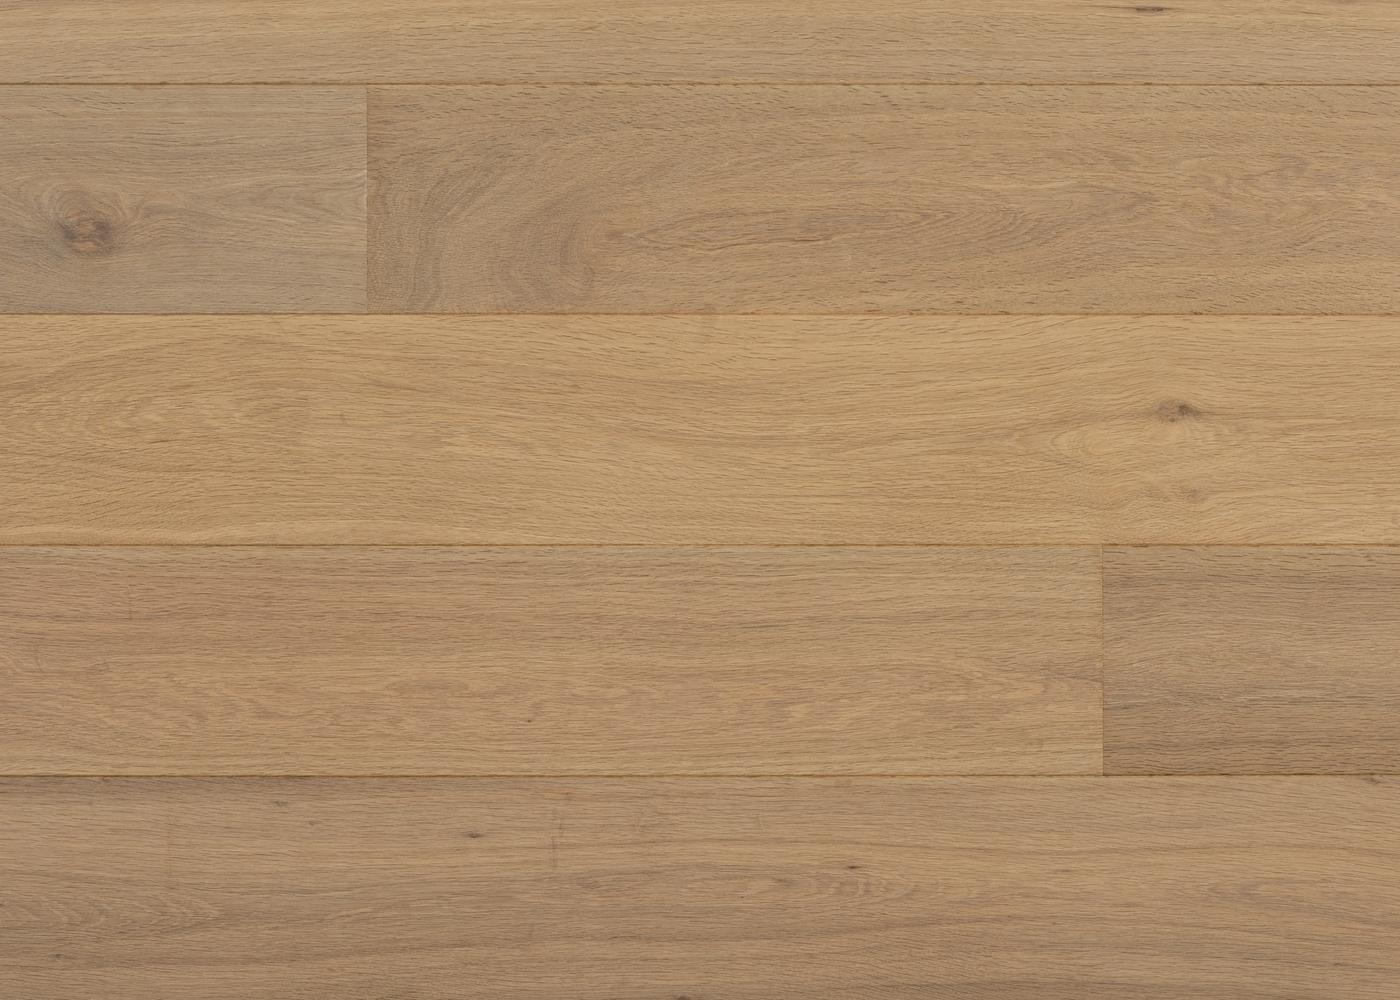 Parquet chêne contrecollé BRUME huile cire Mélange 50% PRBis, 50% Matière 12x160x1100-2200